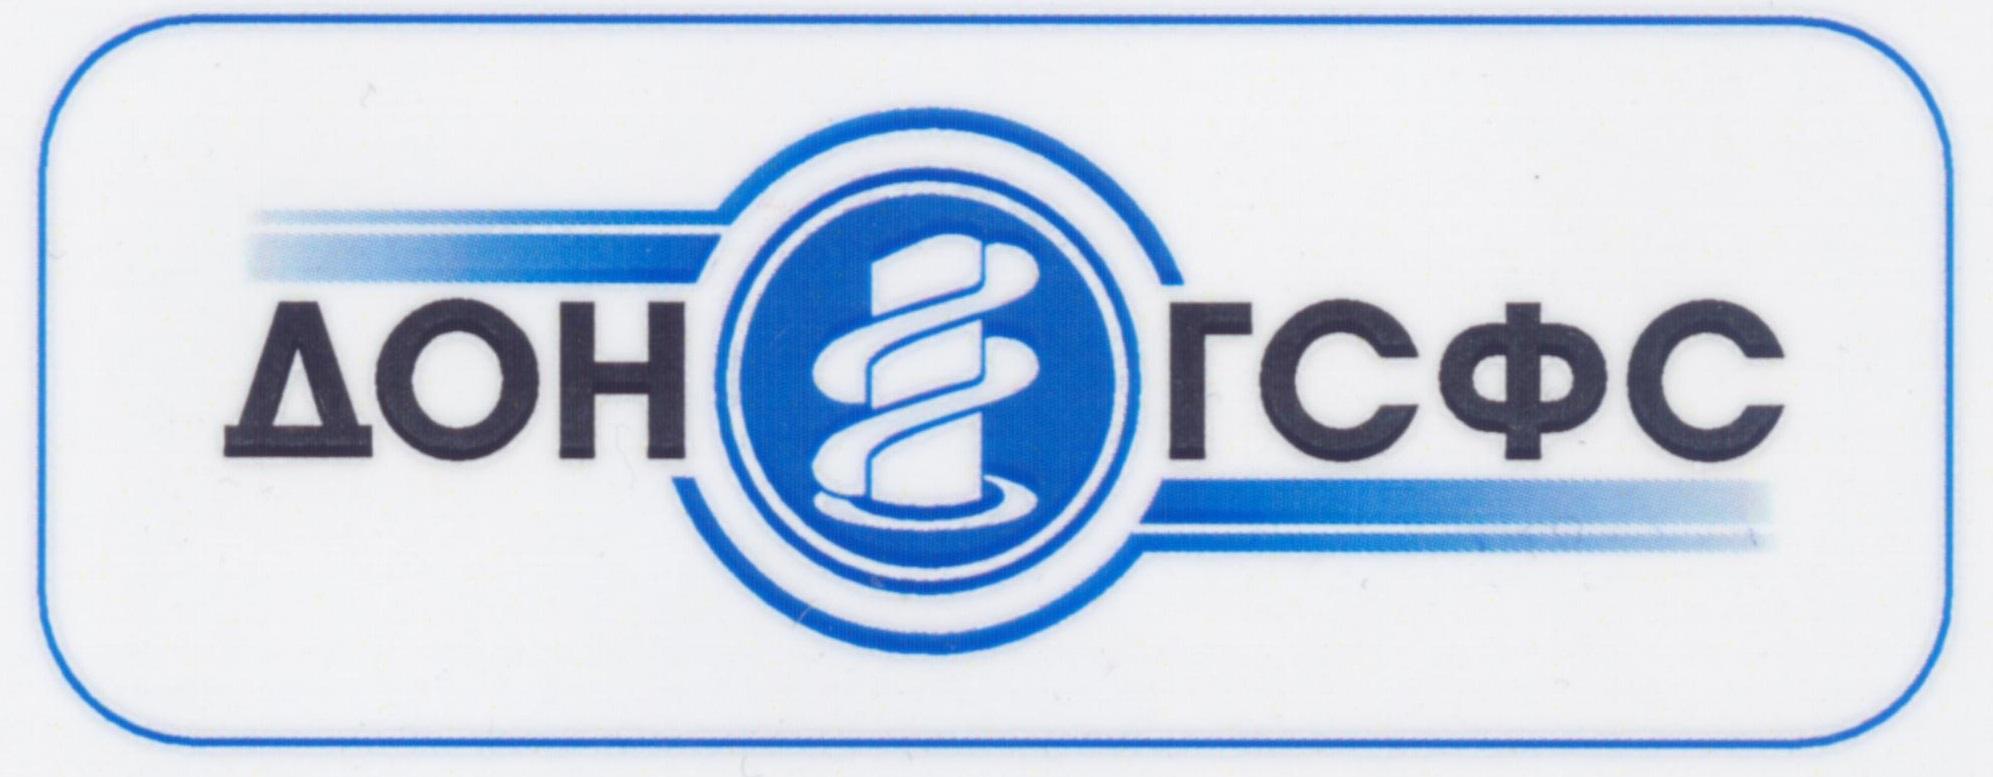 Работа в компании «Дон Гидроспецфундаментстрой, ООО» в Ростова-на-Дону